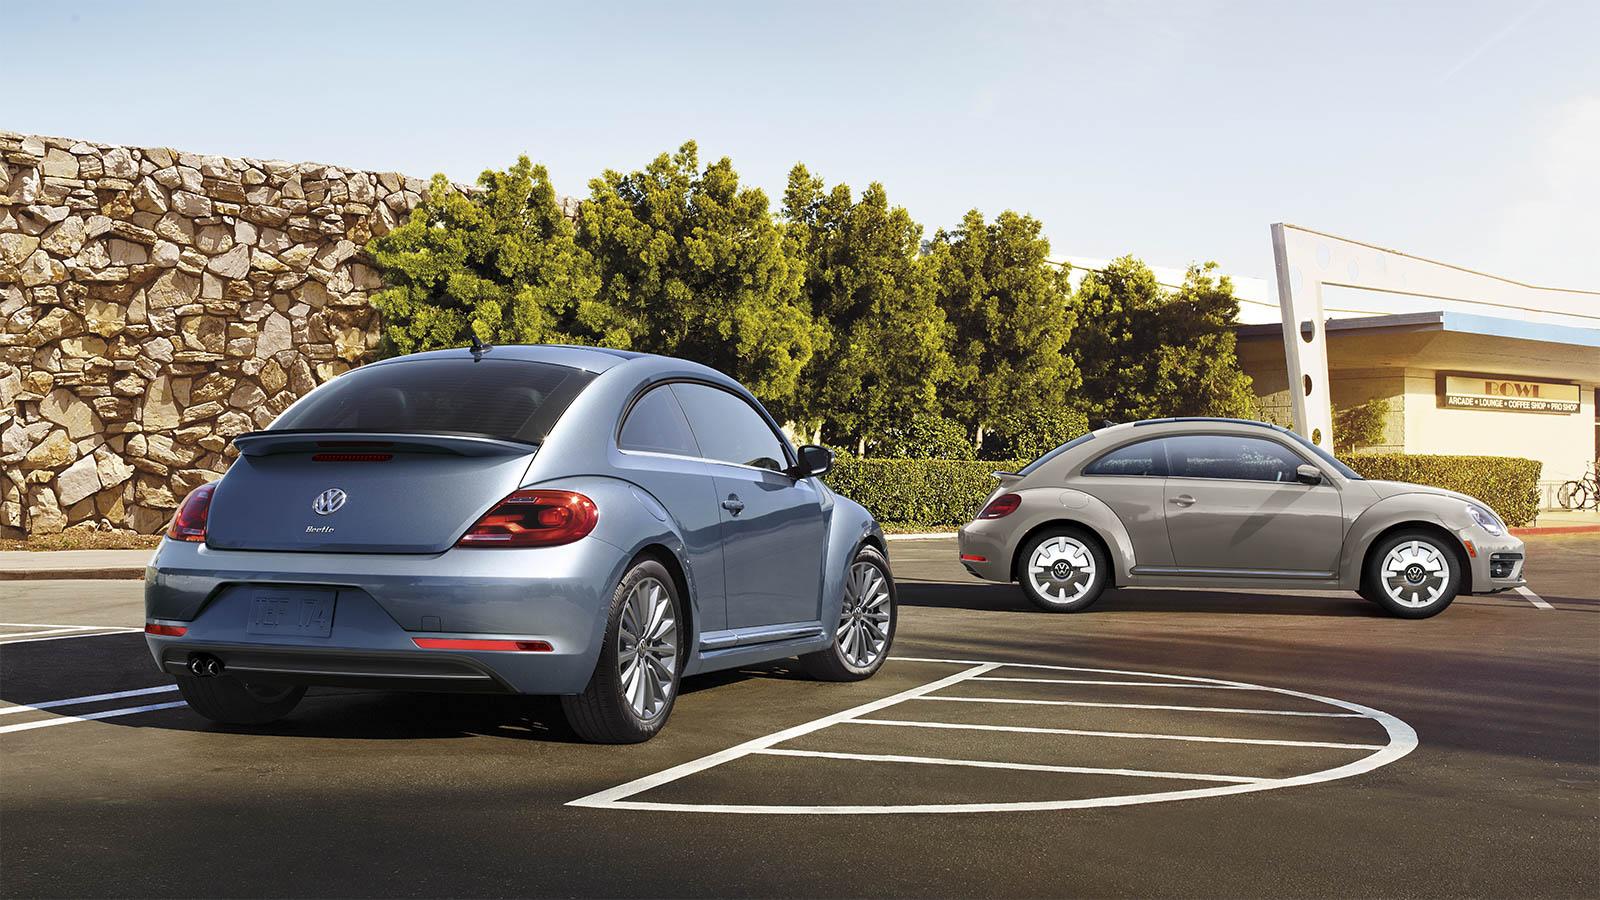 2019 Volkswagen Beetle Convertible rear 3/4